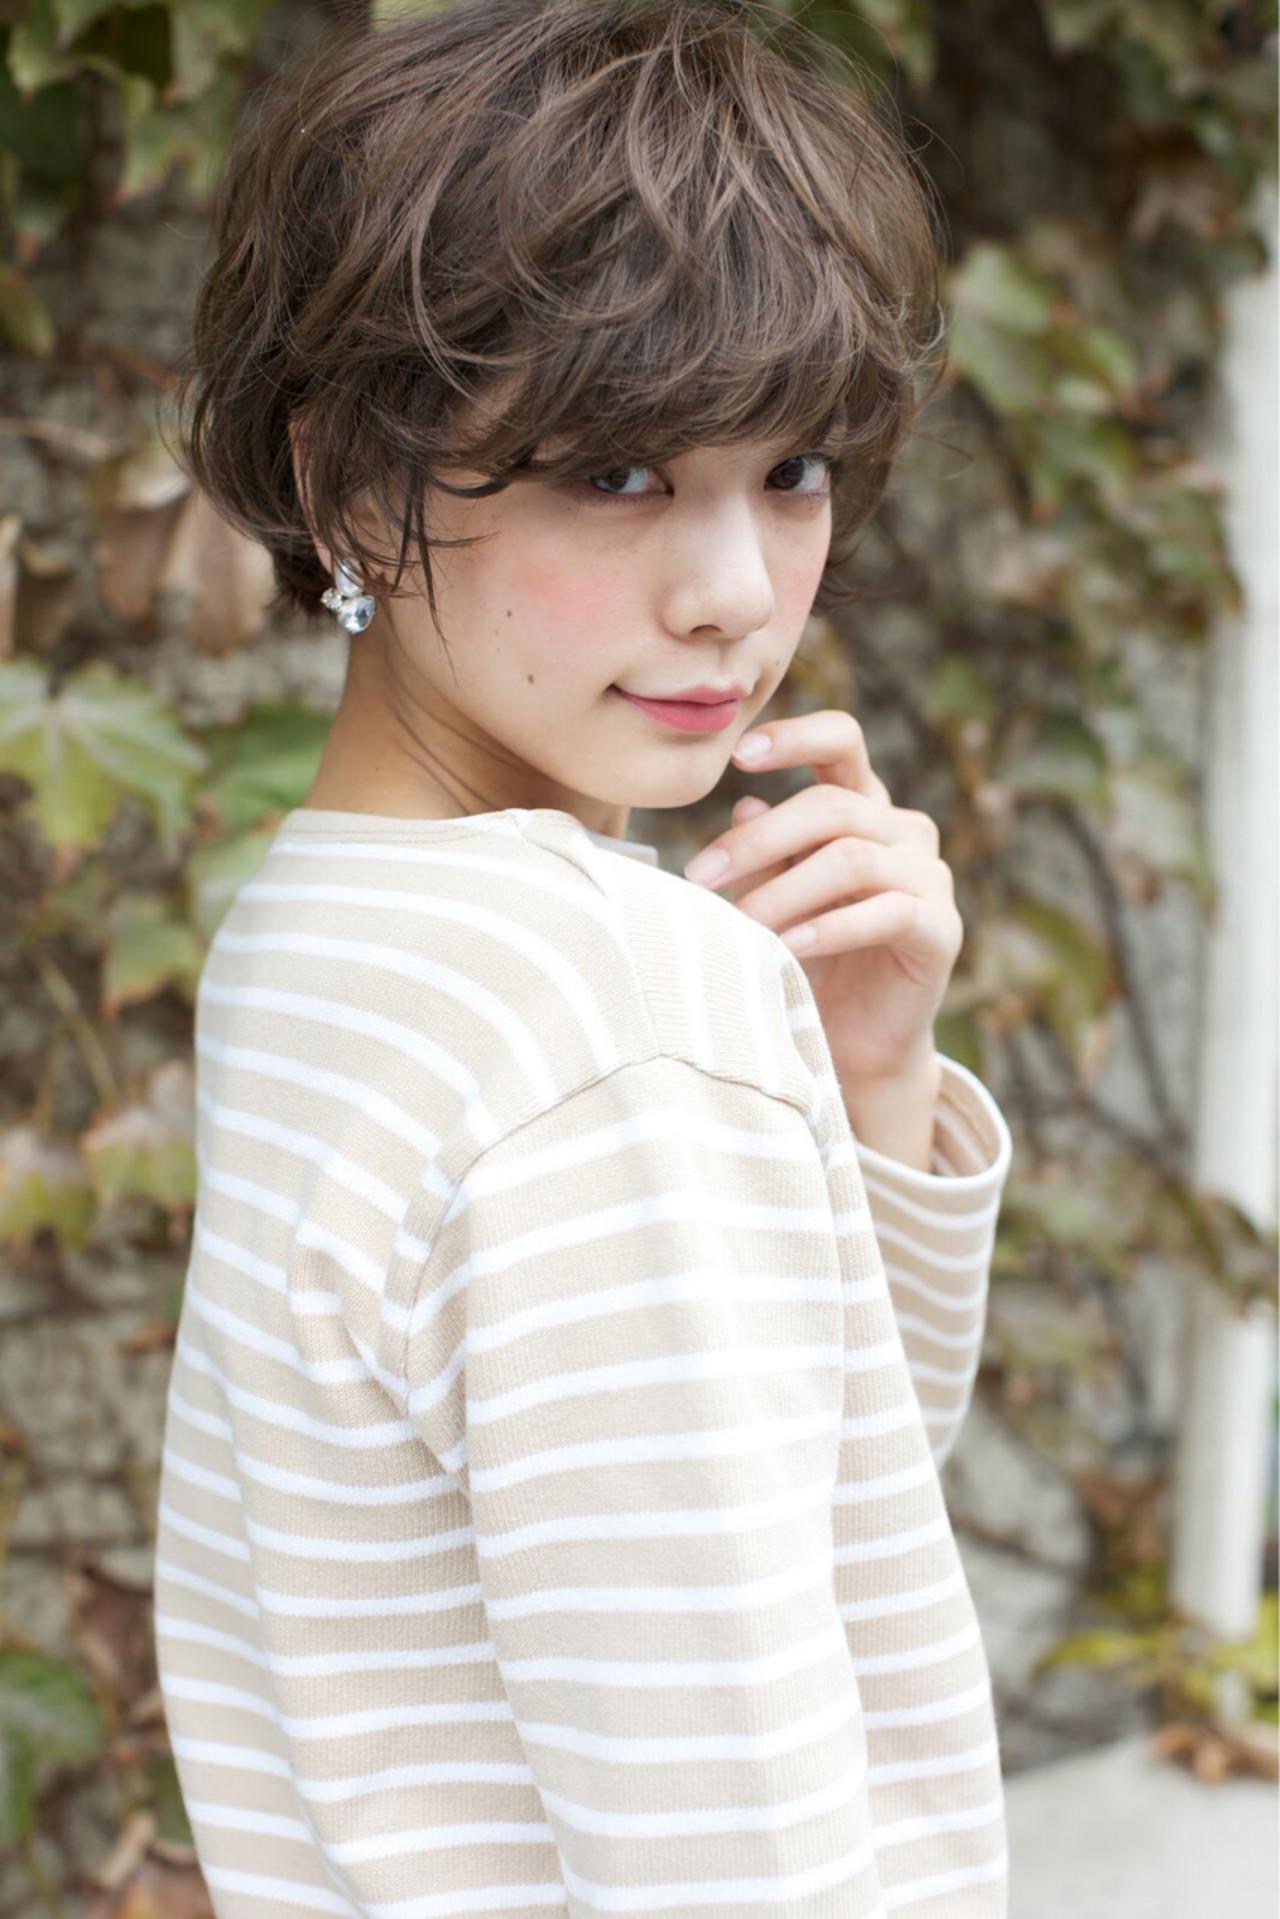 イメチェンするならショート×パーマでおしゃれも可愛いも手に入れる! 石川 瑠利子